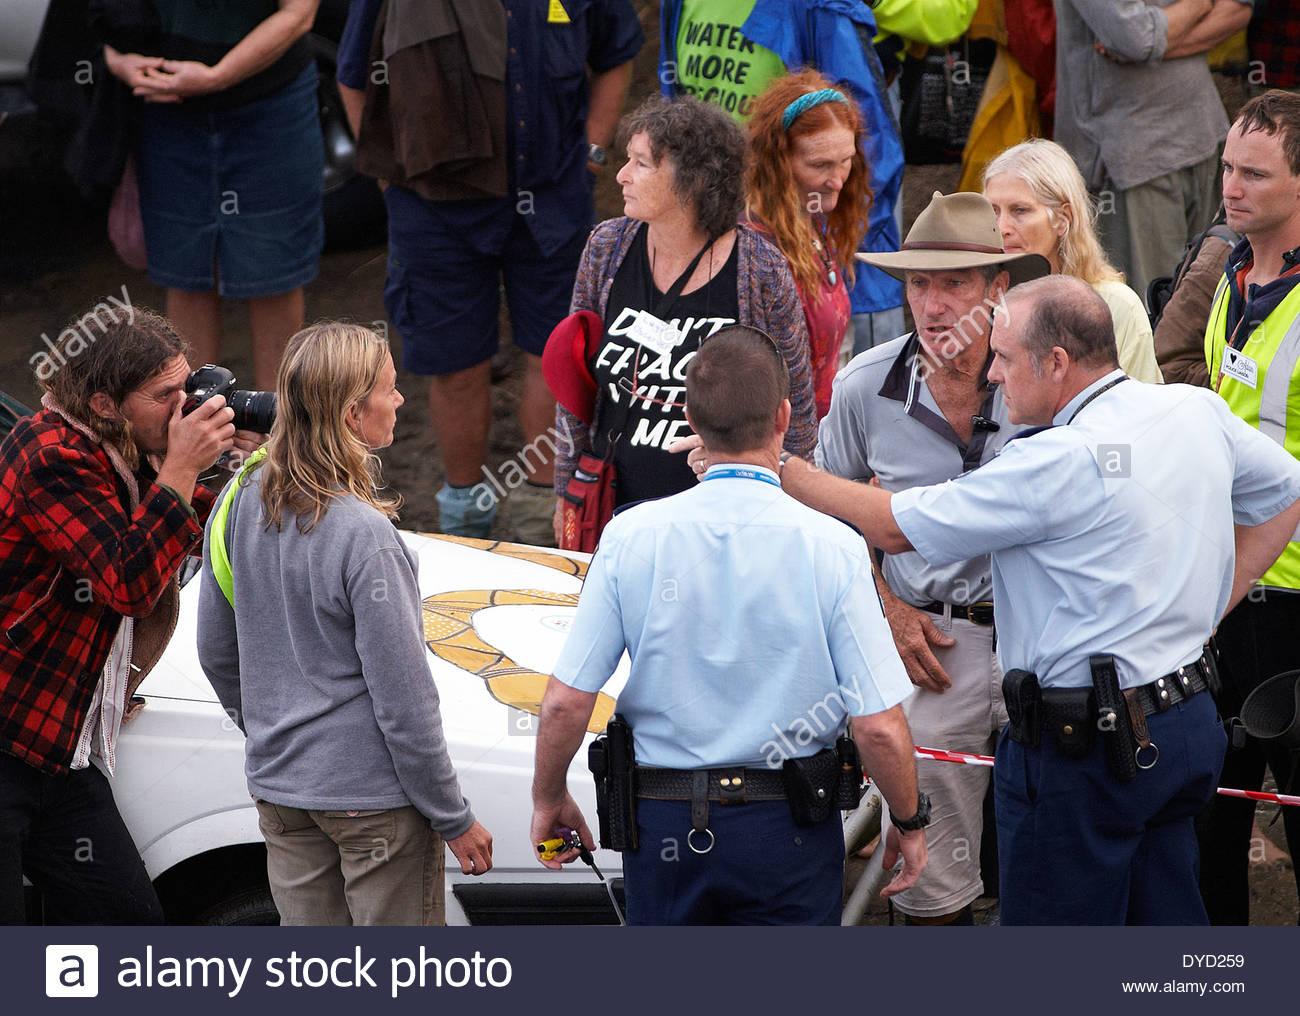 Spannung eskaliert, als die Polizei diskutieren Protokoll mit Bentley Blockade Protestführer, Fotografen und Vertreter; bei Bentley, NSW, Australien. Stockbild